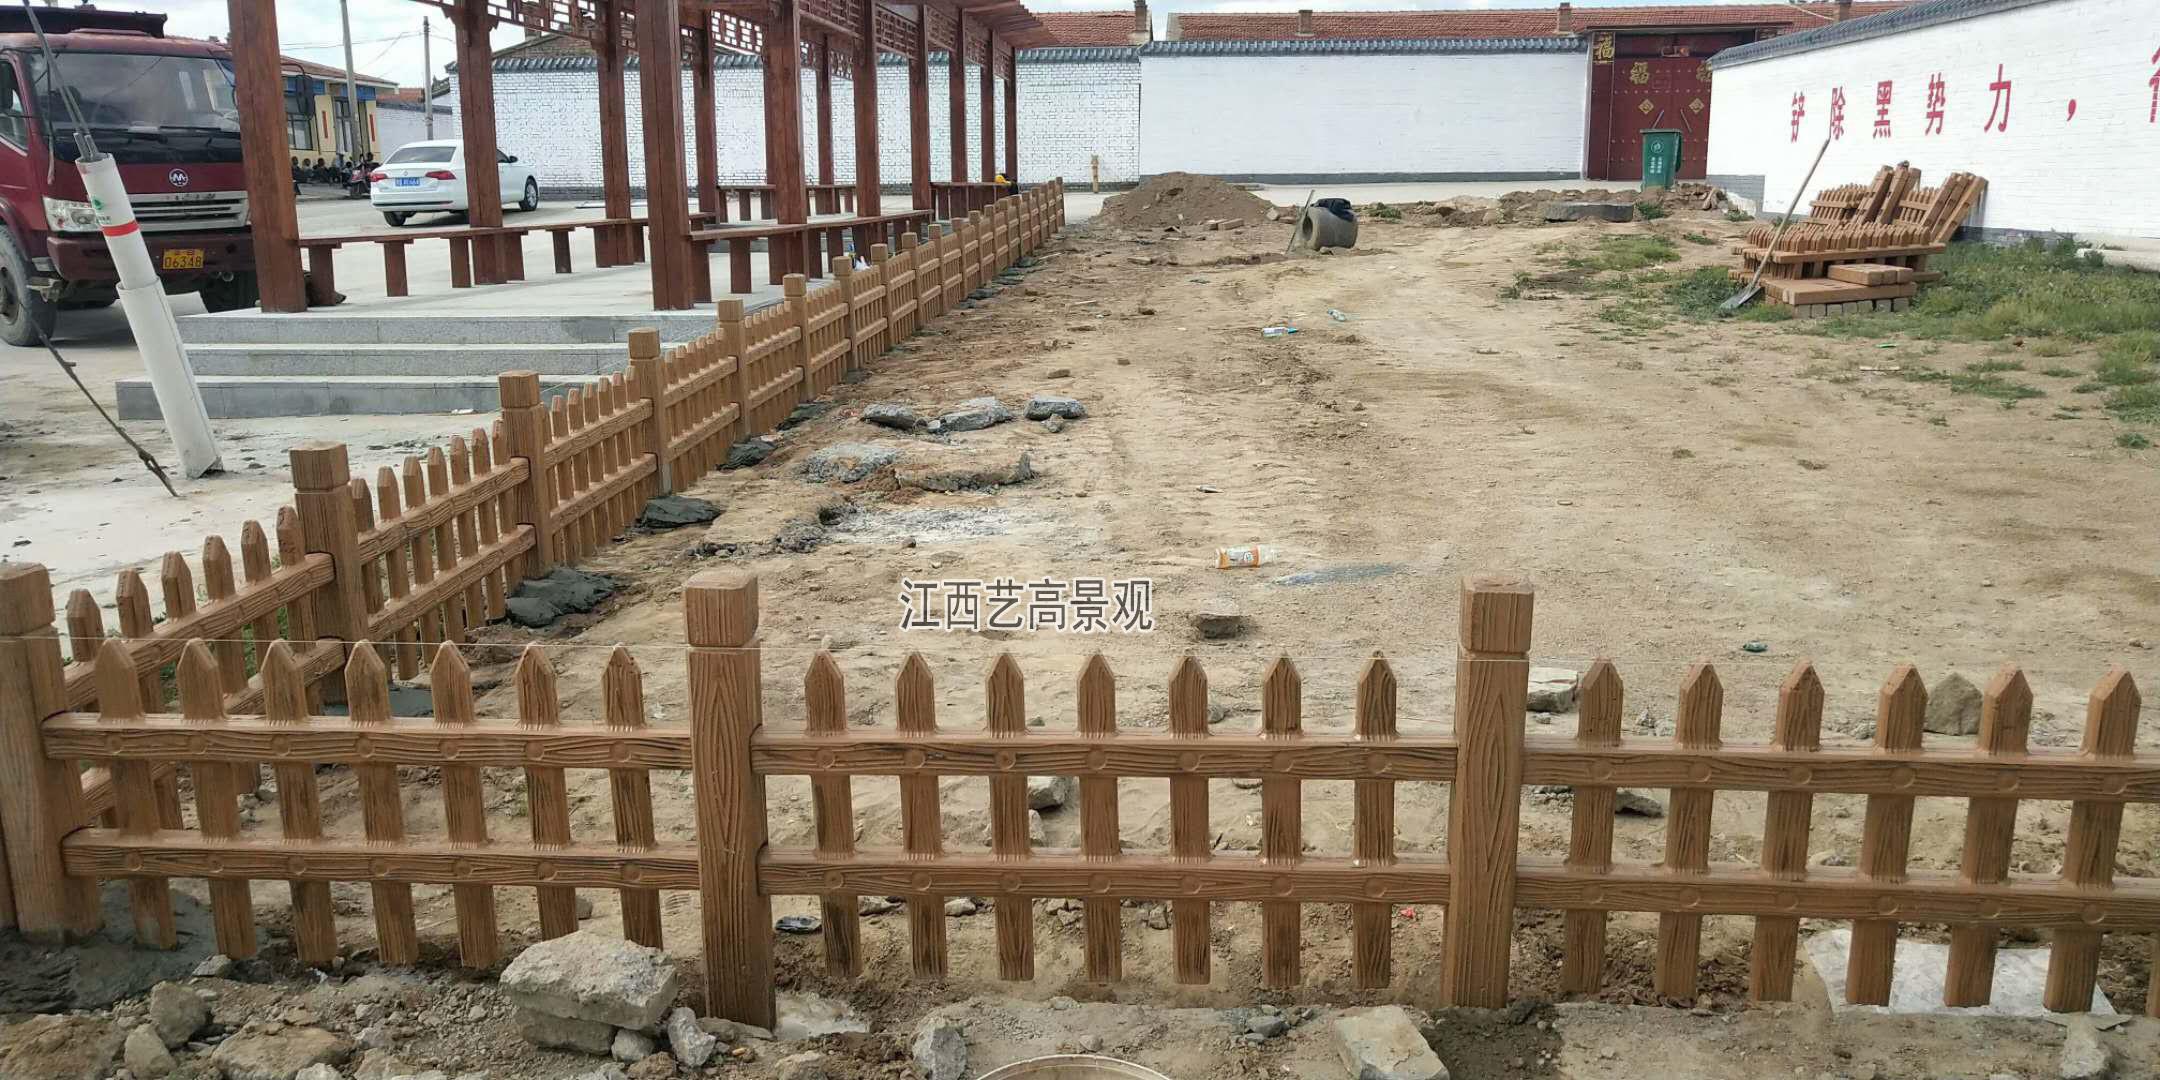 仿木栅栏围栏施工现场.jpg